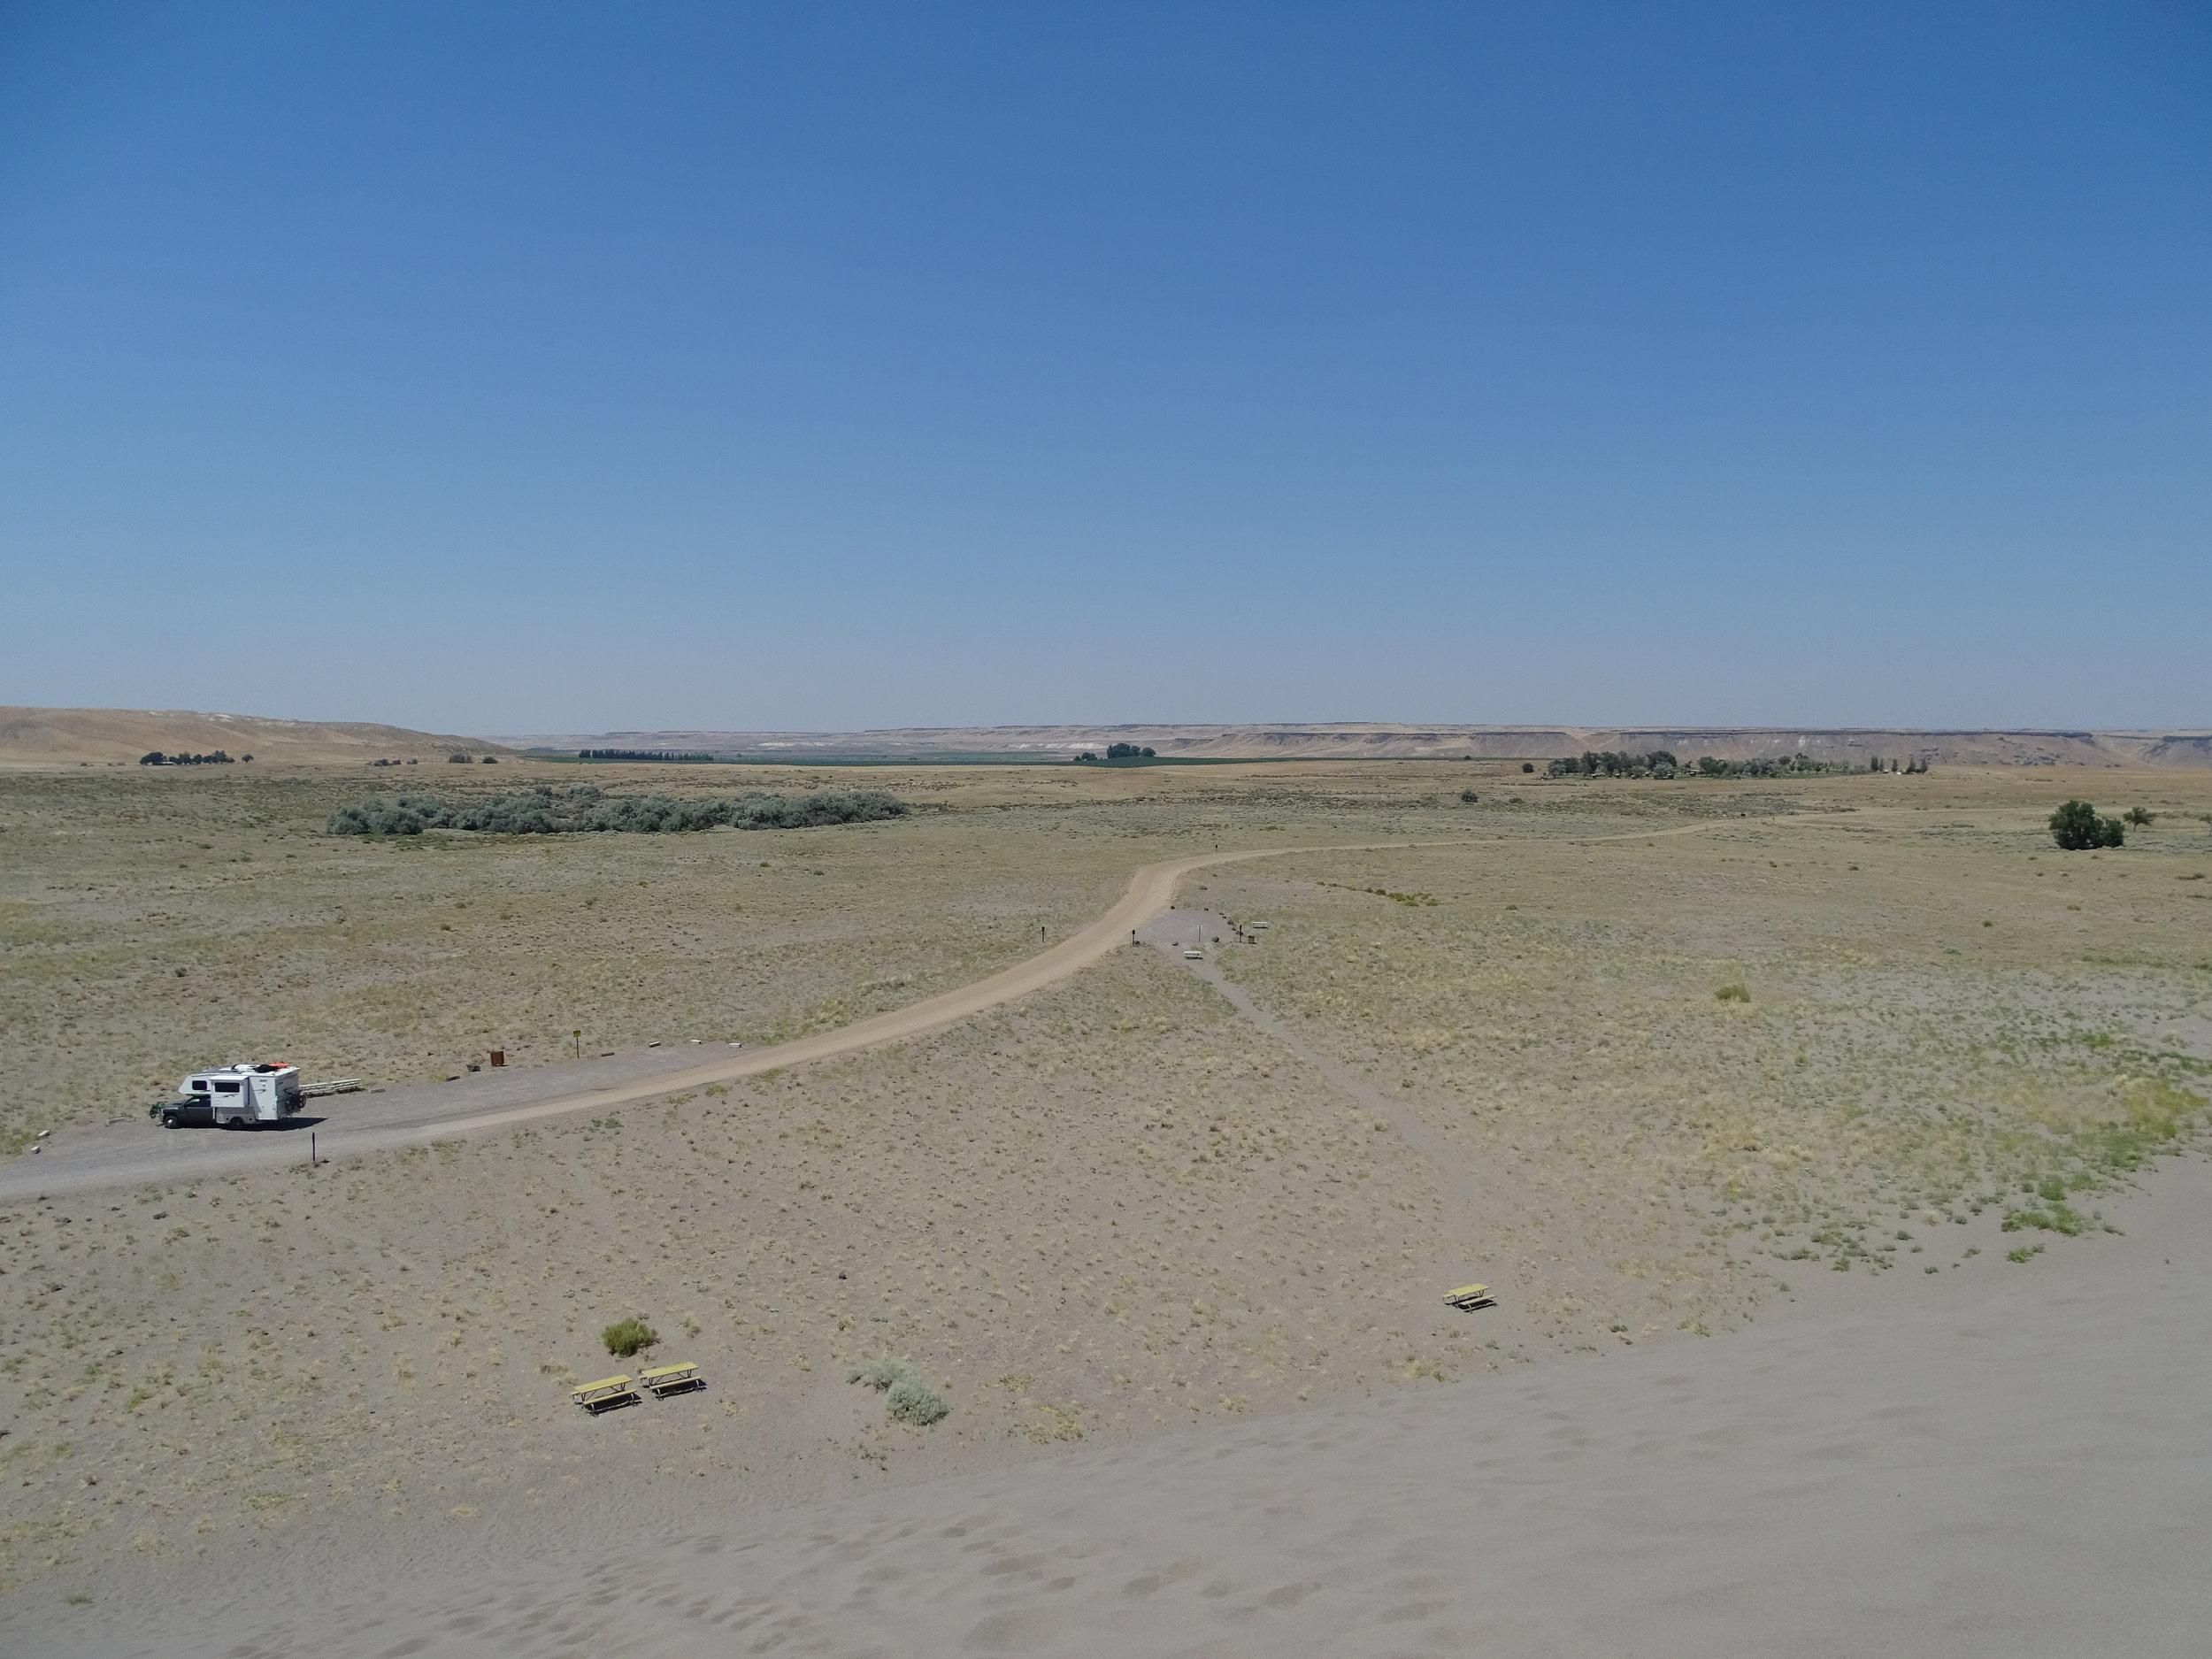 Pretty desolate!